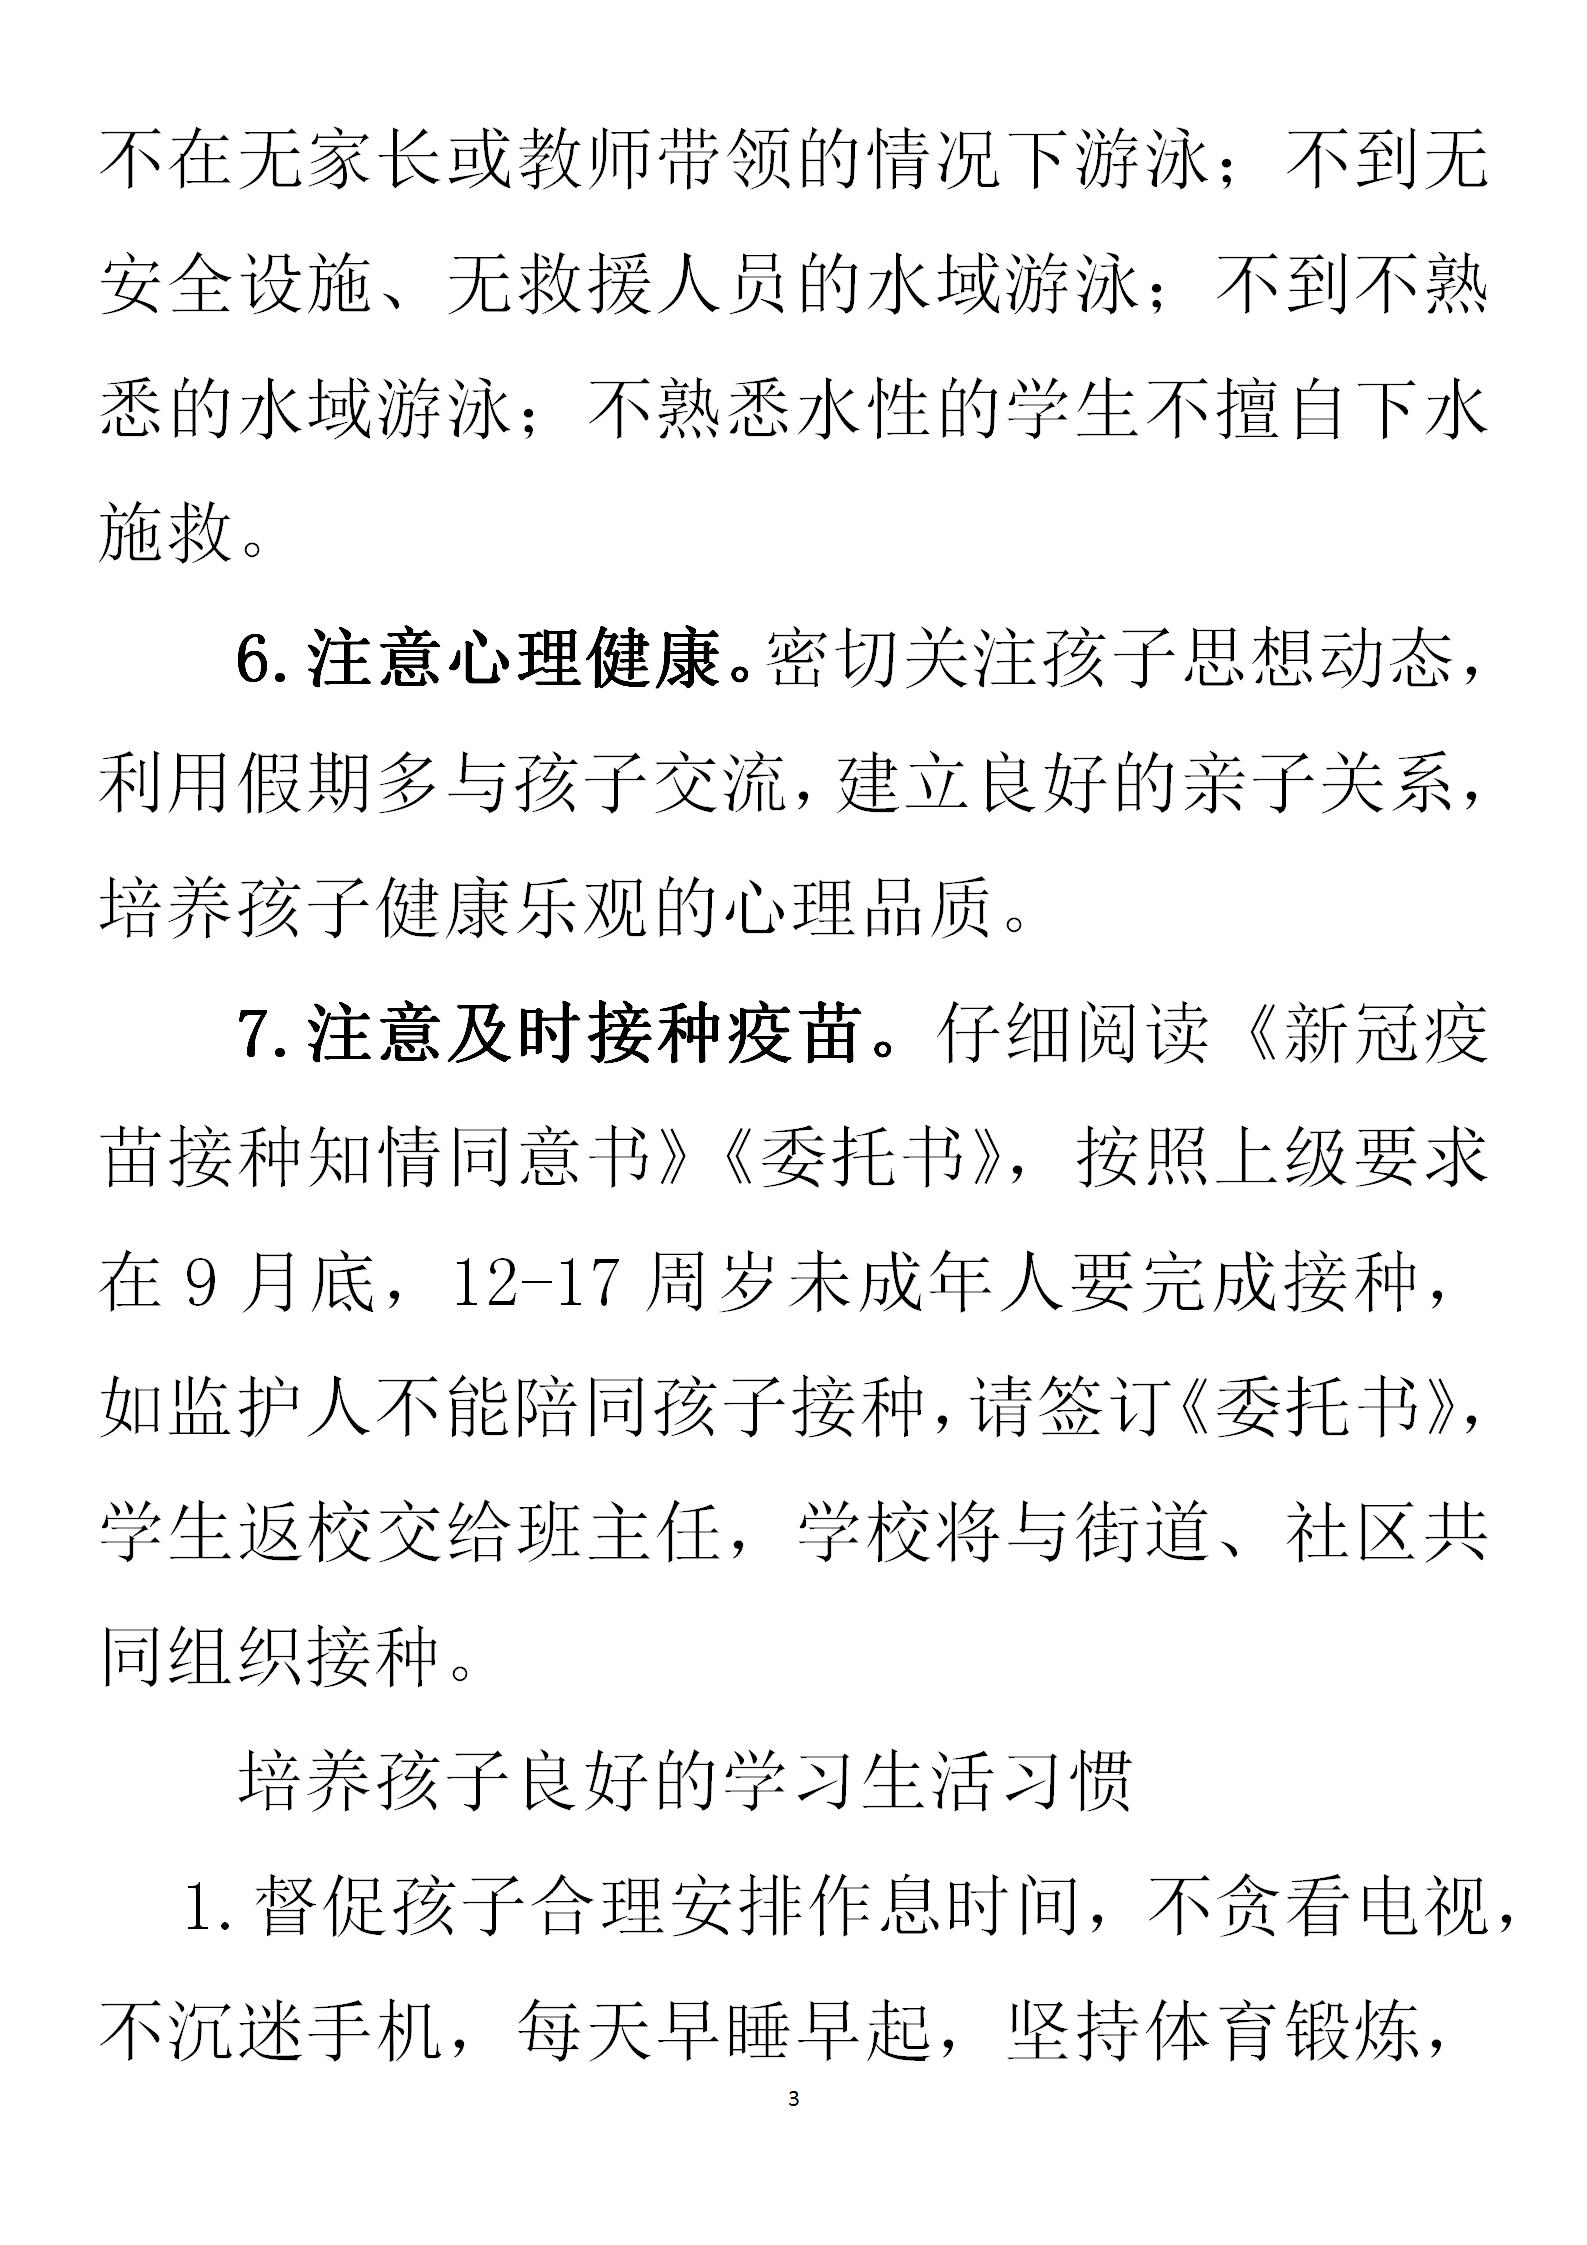 2021年中秋节致家长一封信_03